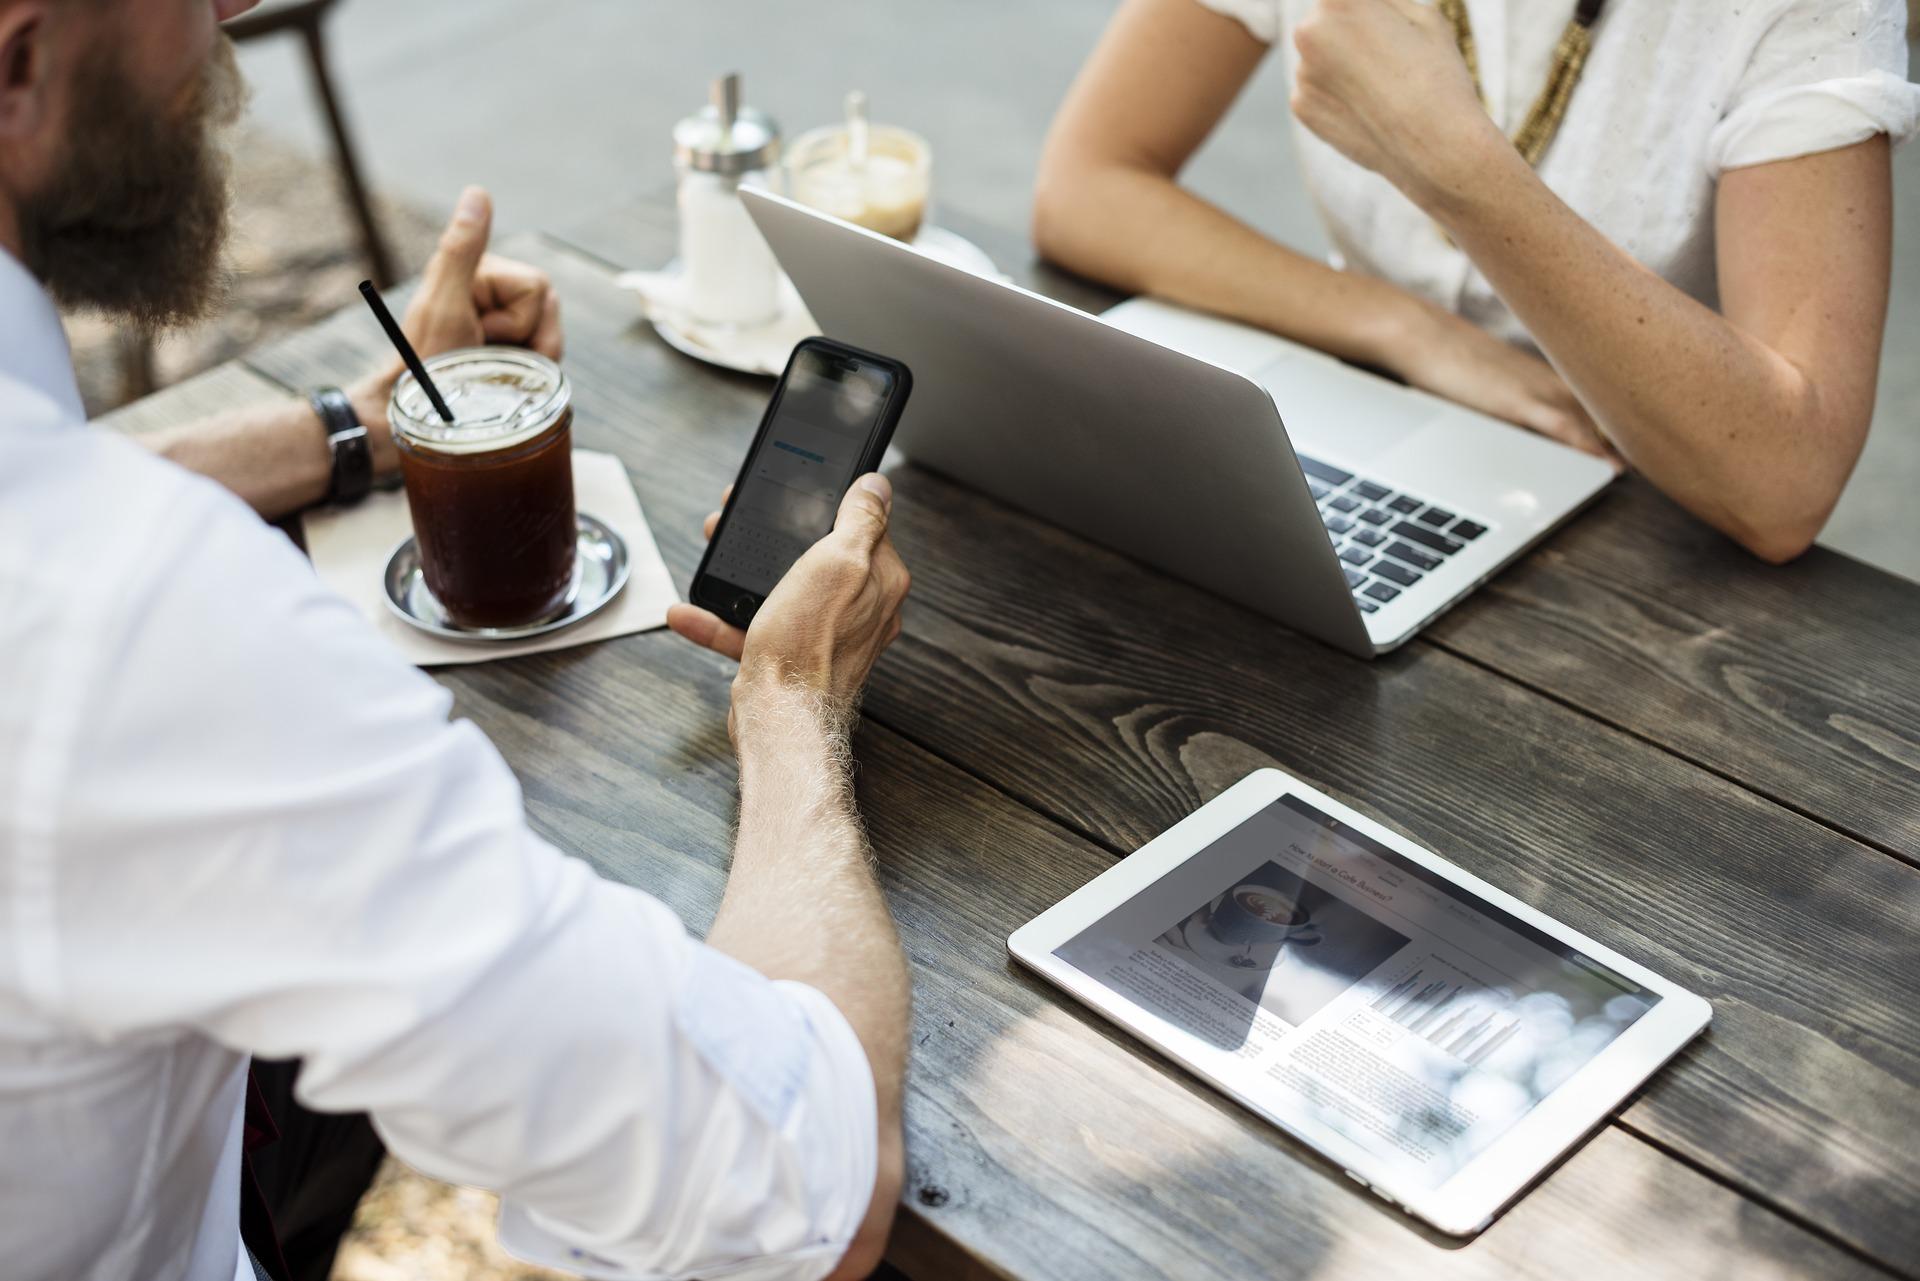 Les espaces de coworking s'étendent à l'hôtellerie